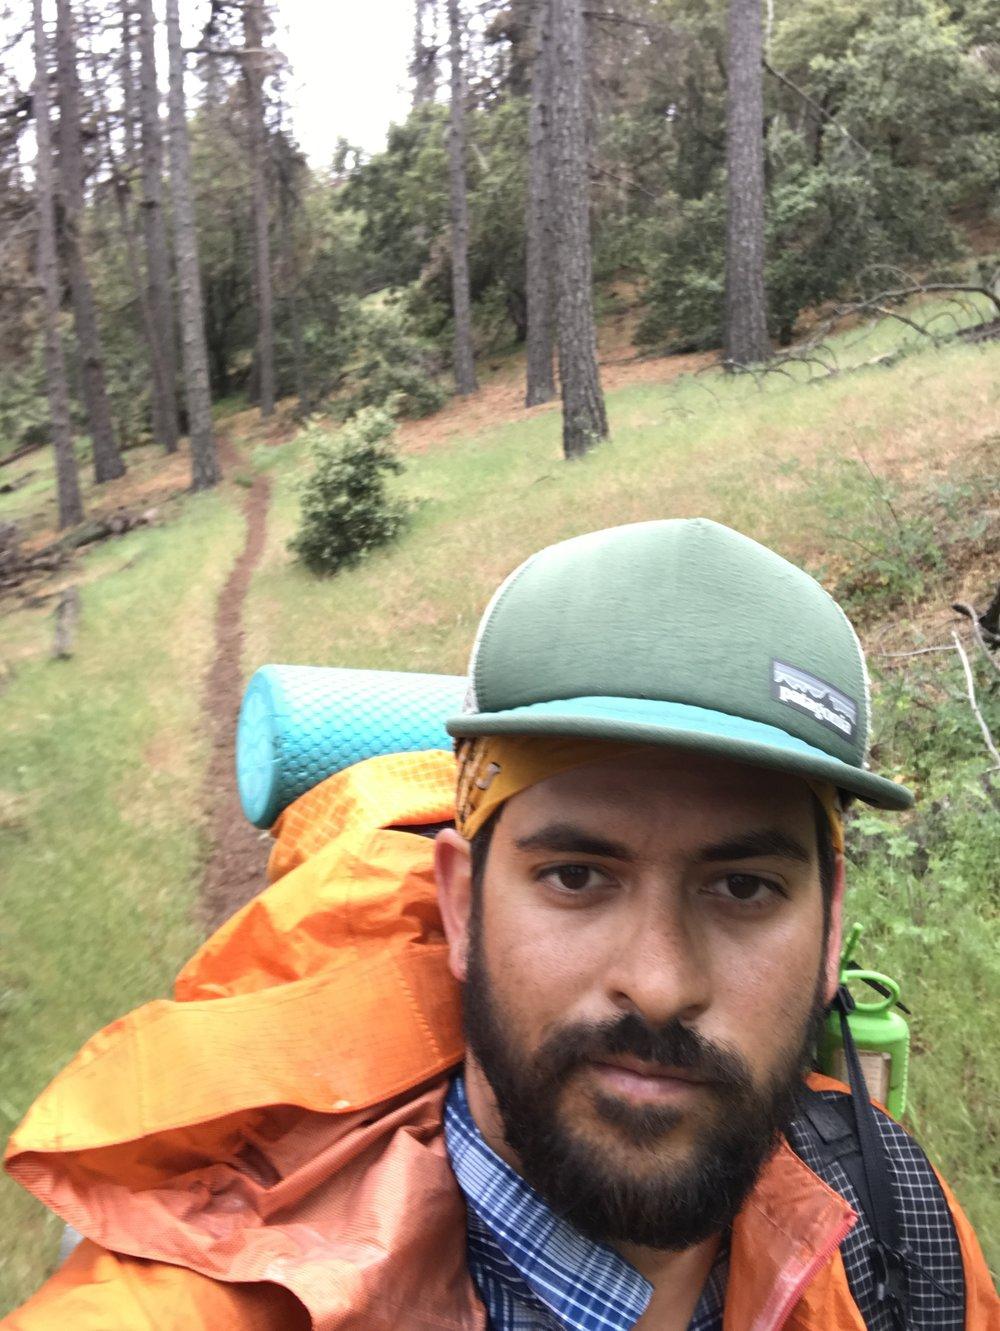 hiking in the rain isn't amazing